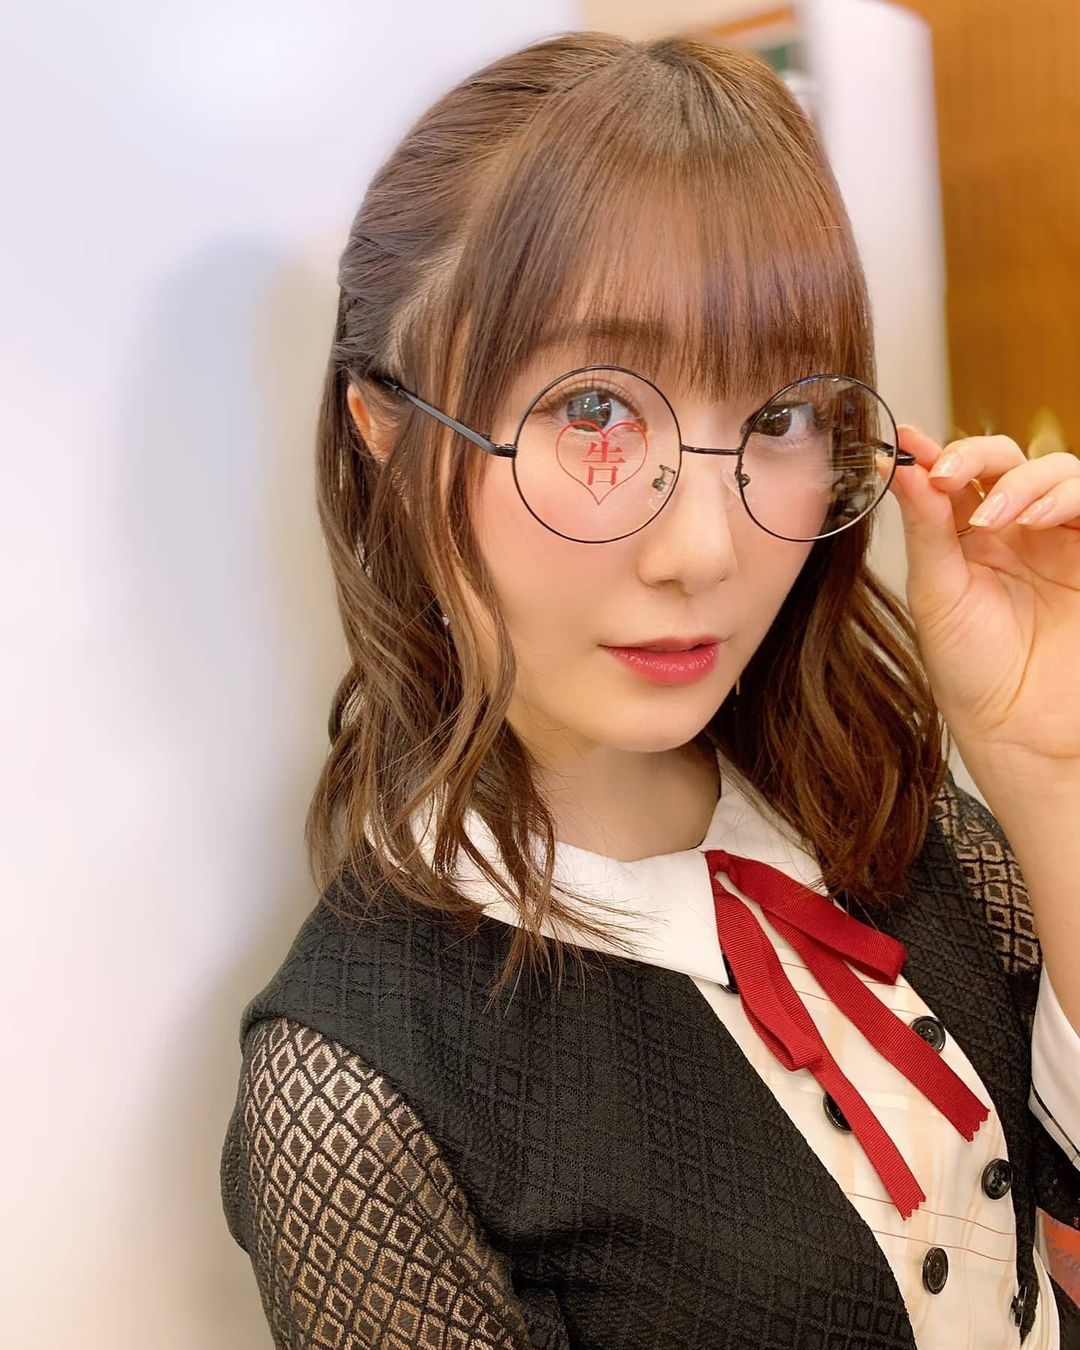 hidaka_rina067.jpg